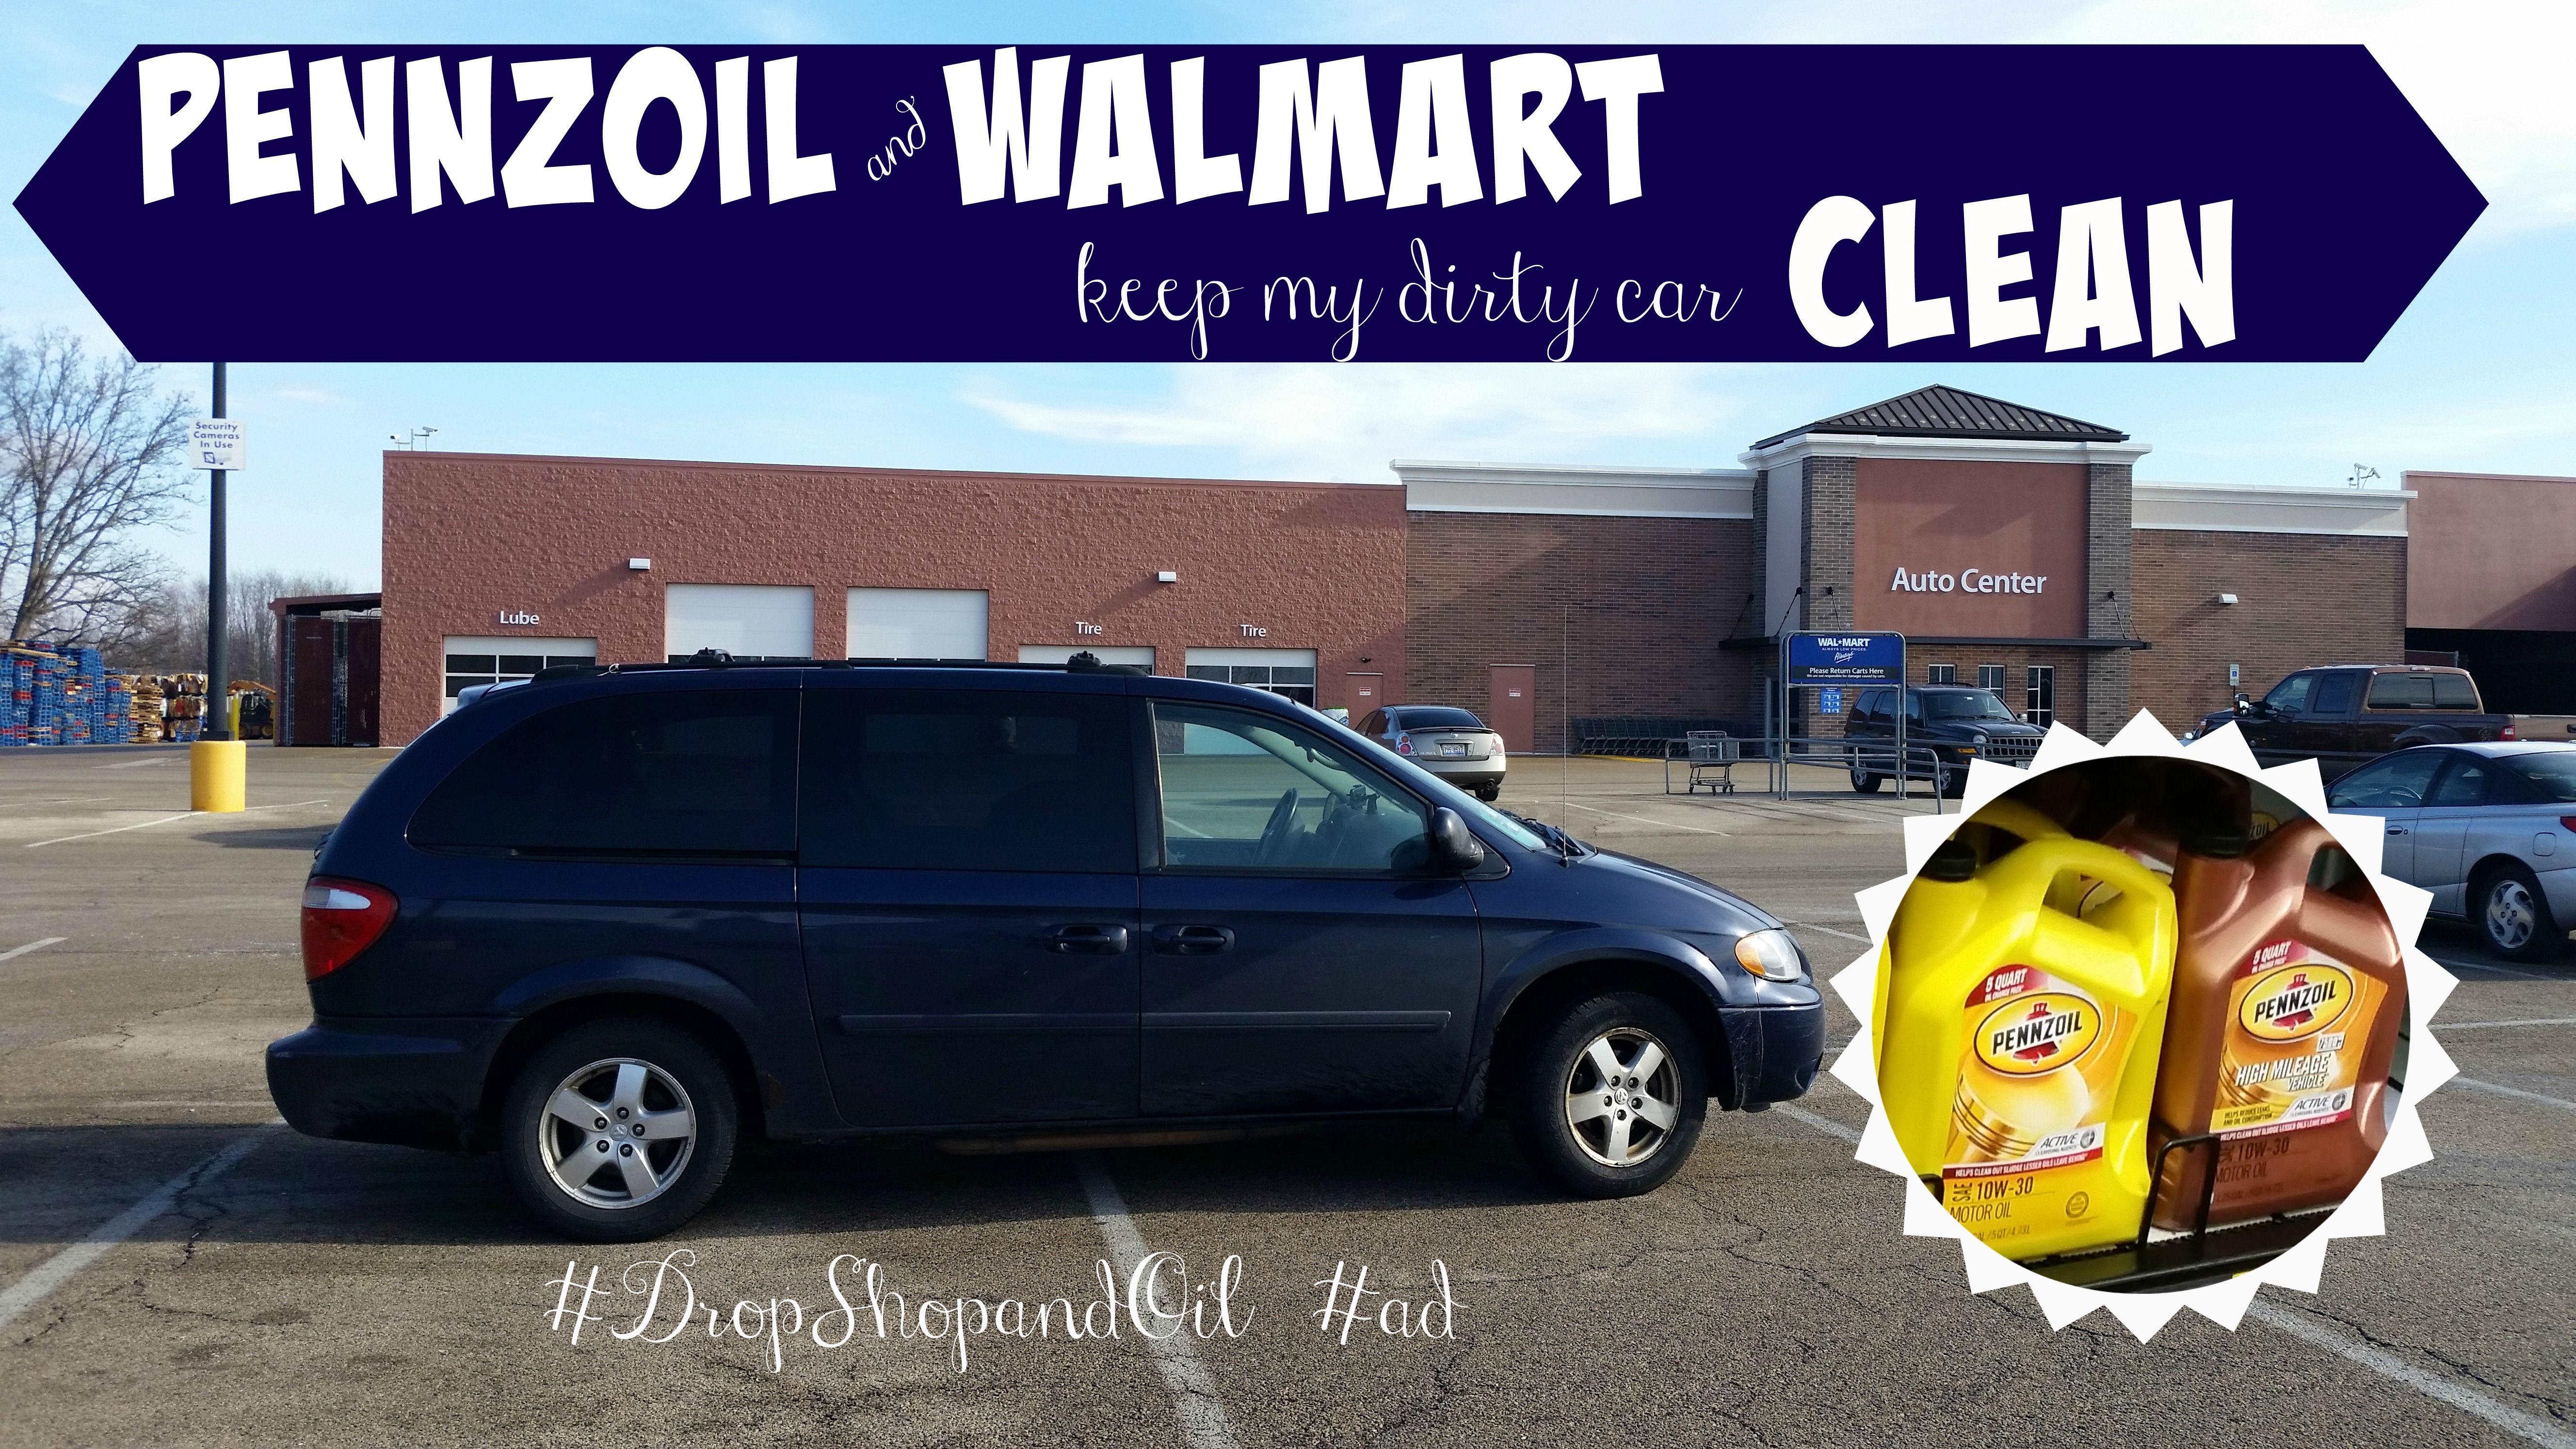 Pennzoil Near Me >> Pennzoil Walmart Keep My Dirty Car Clean Make It Easy